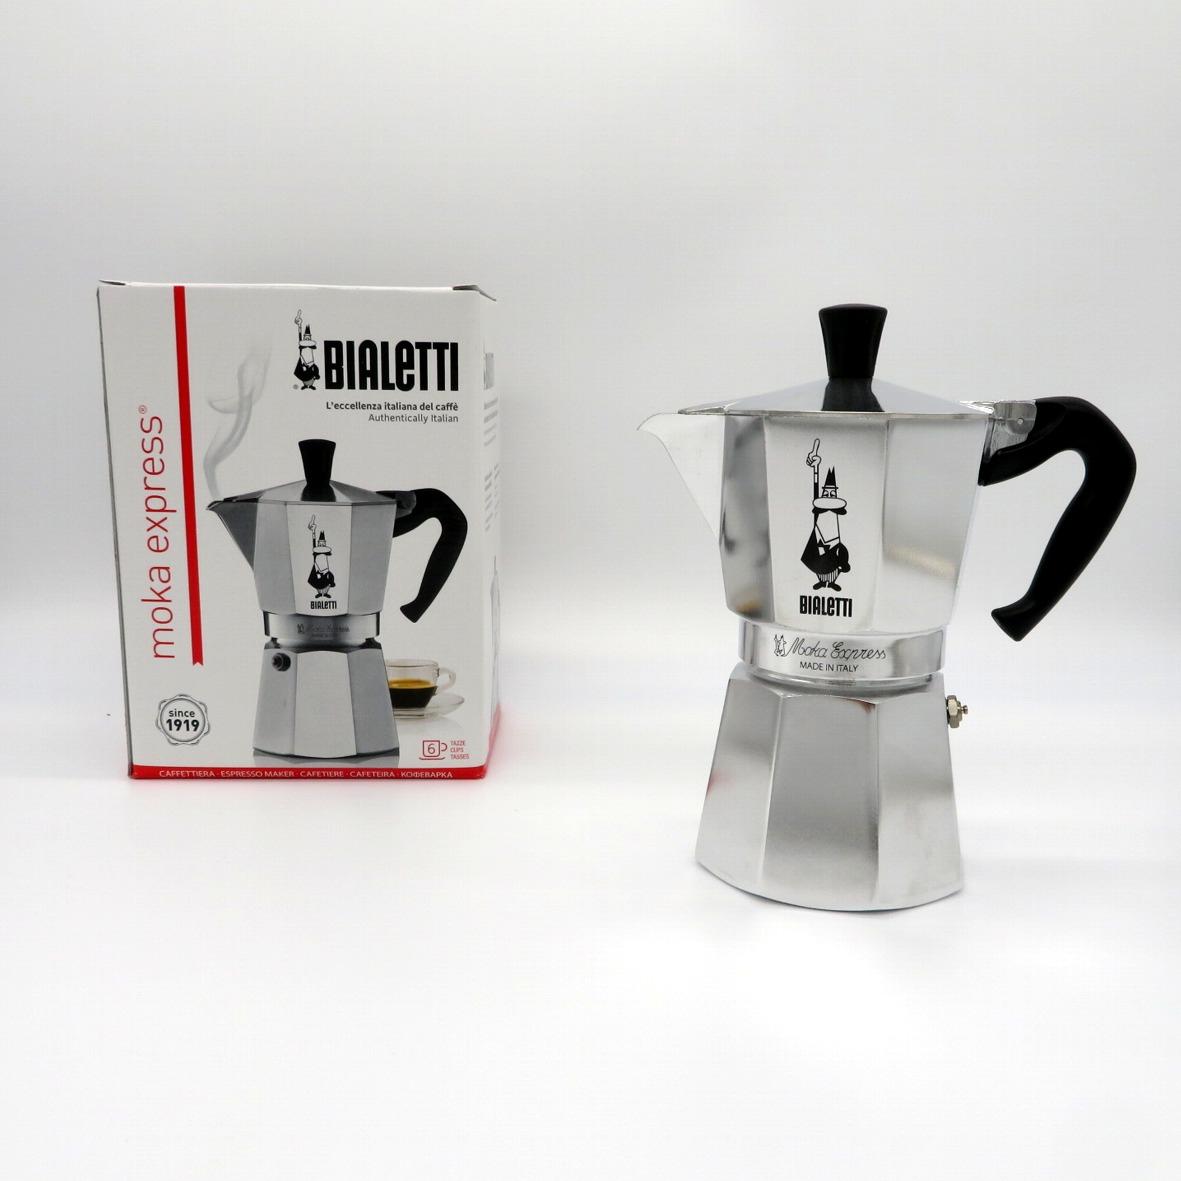 Caffettiera in alluminio da 6 tazze Bialetti